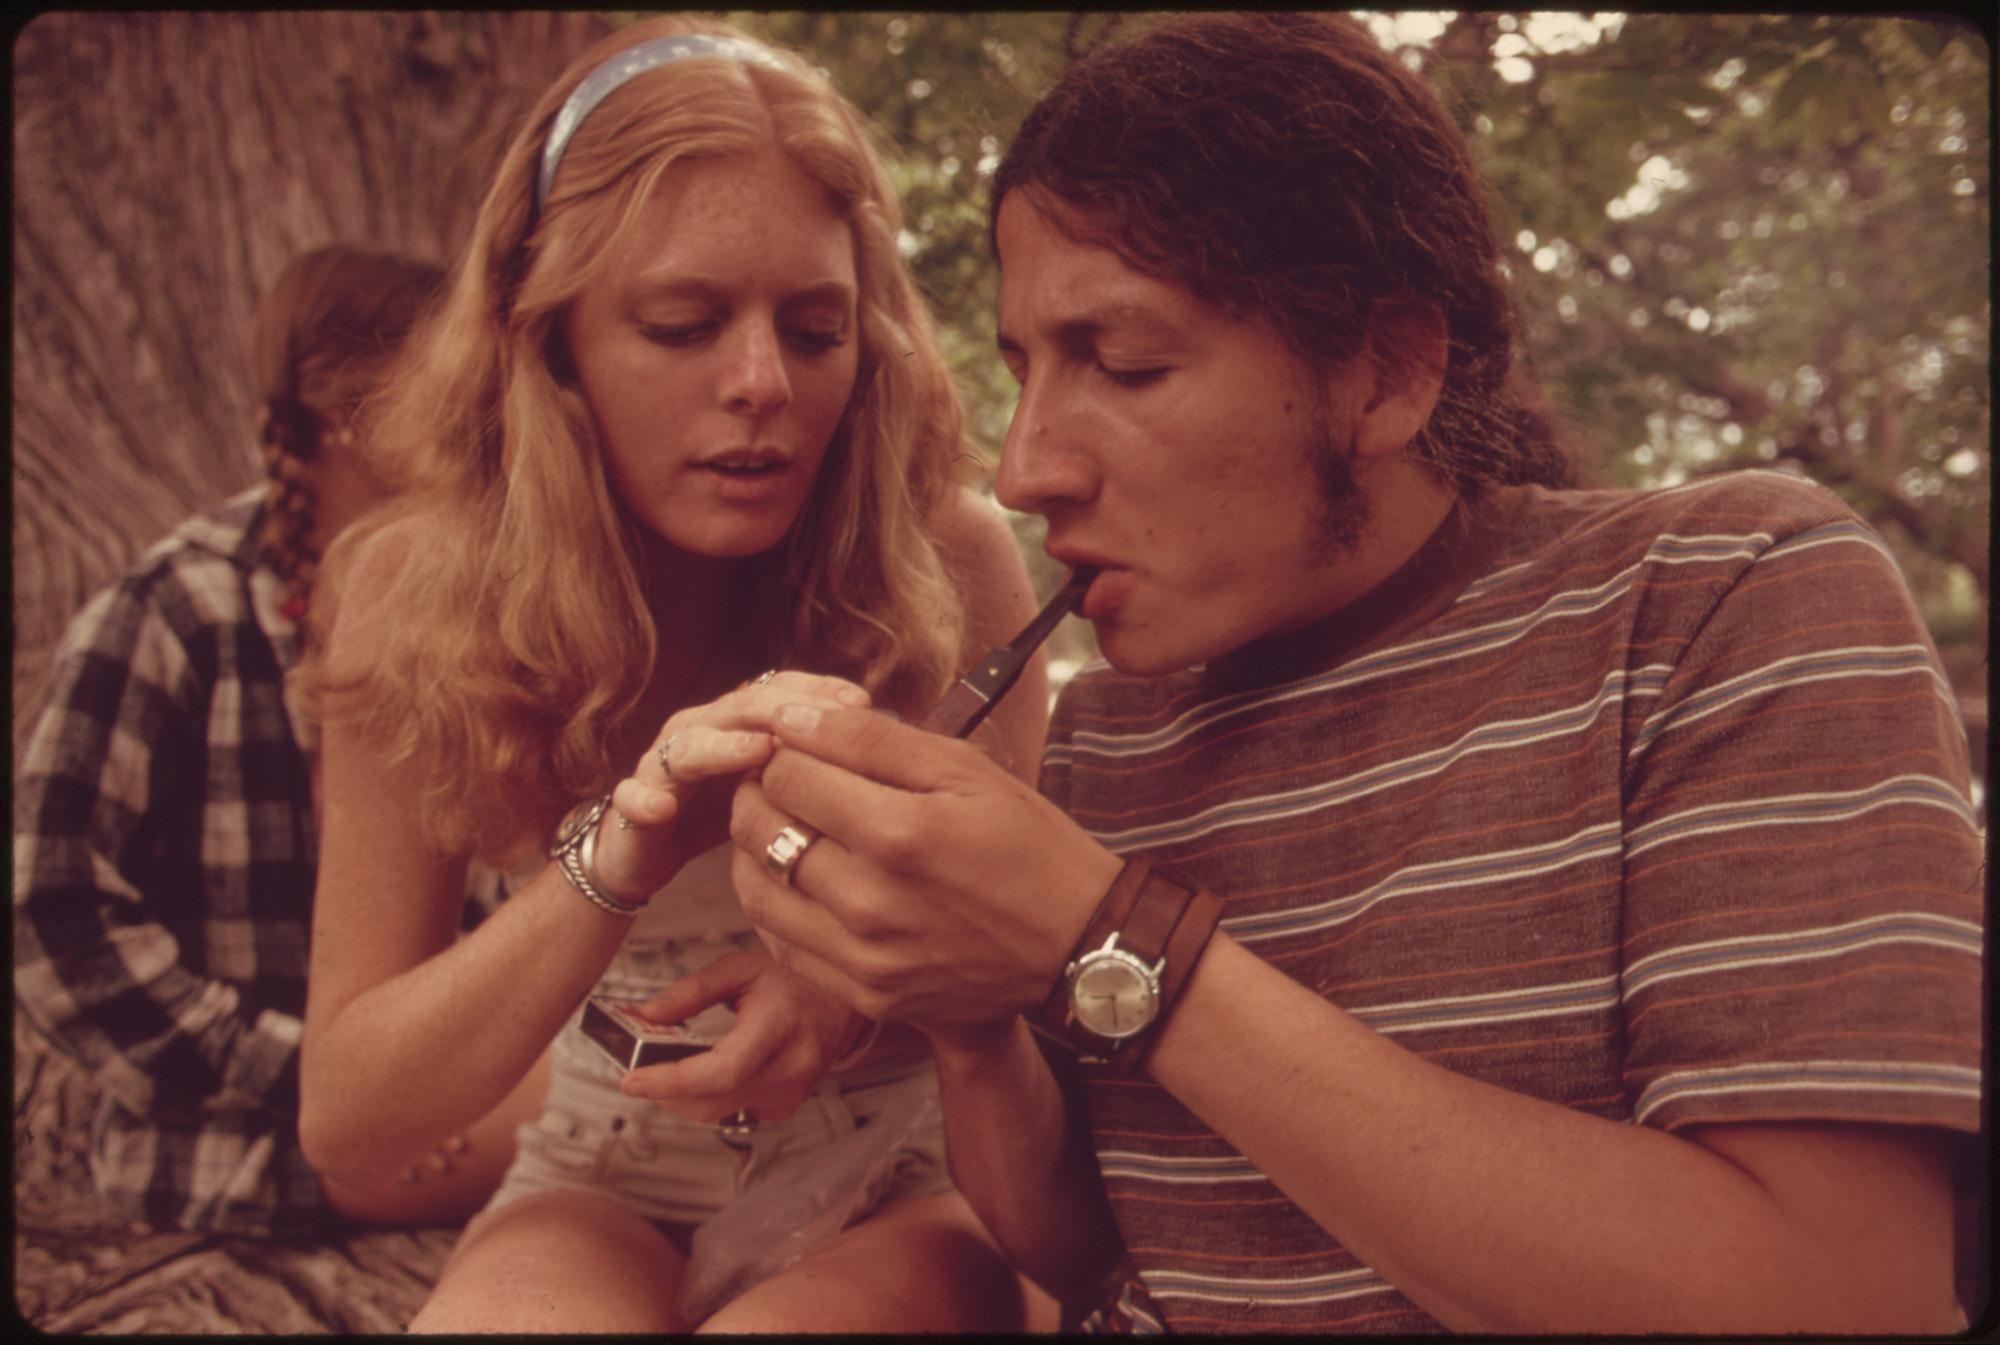 תוצאת תמונה עבור parents smoking weed